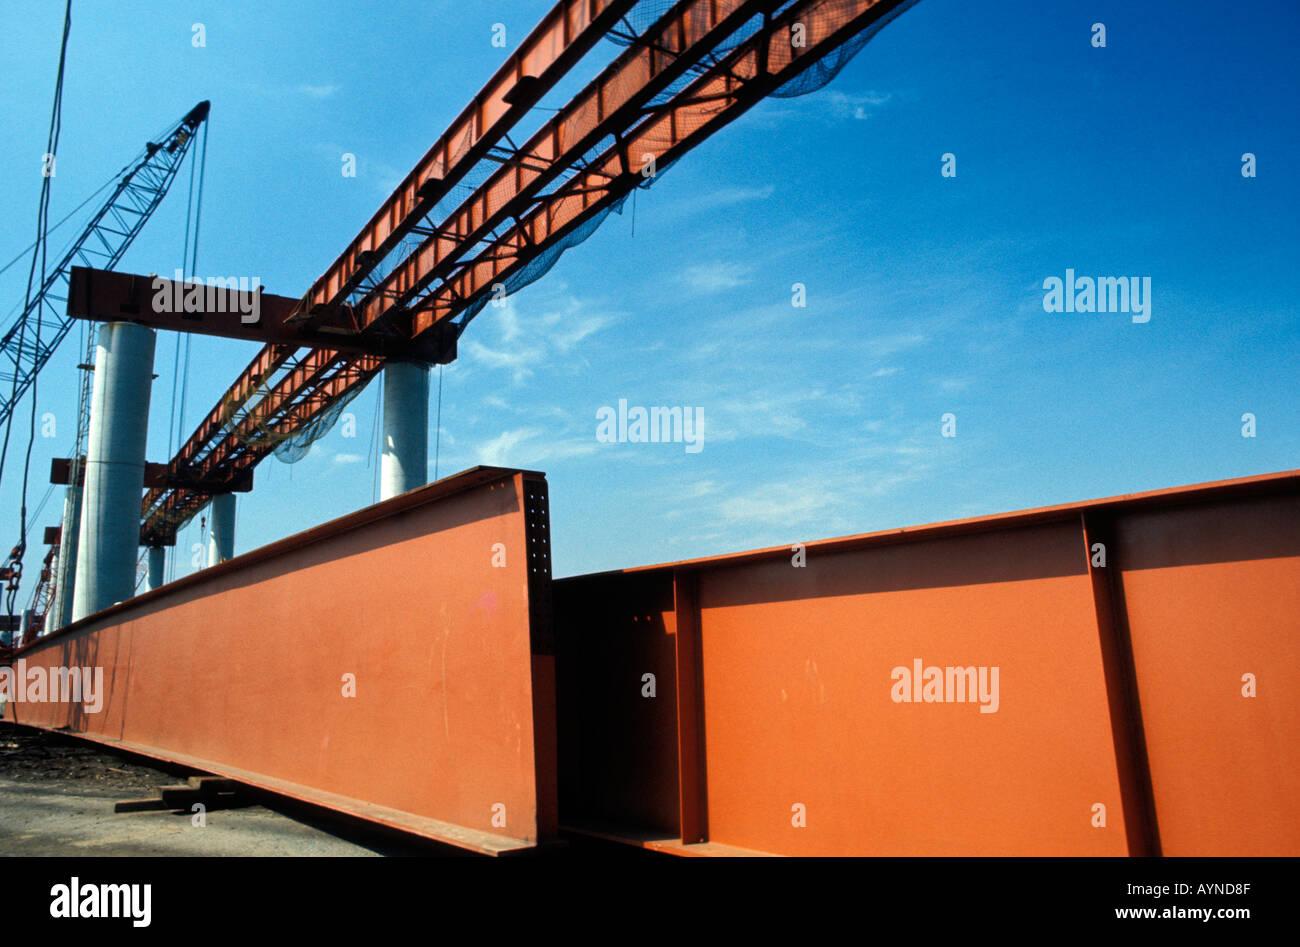 Viga de acero escenificado y esperando que se pusieron en marcha para un proyecto de construcción de carreteras generales Imagen De Stock